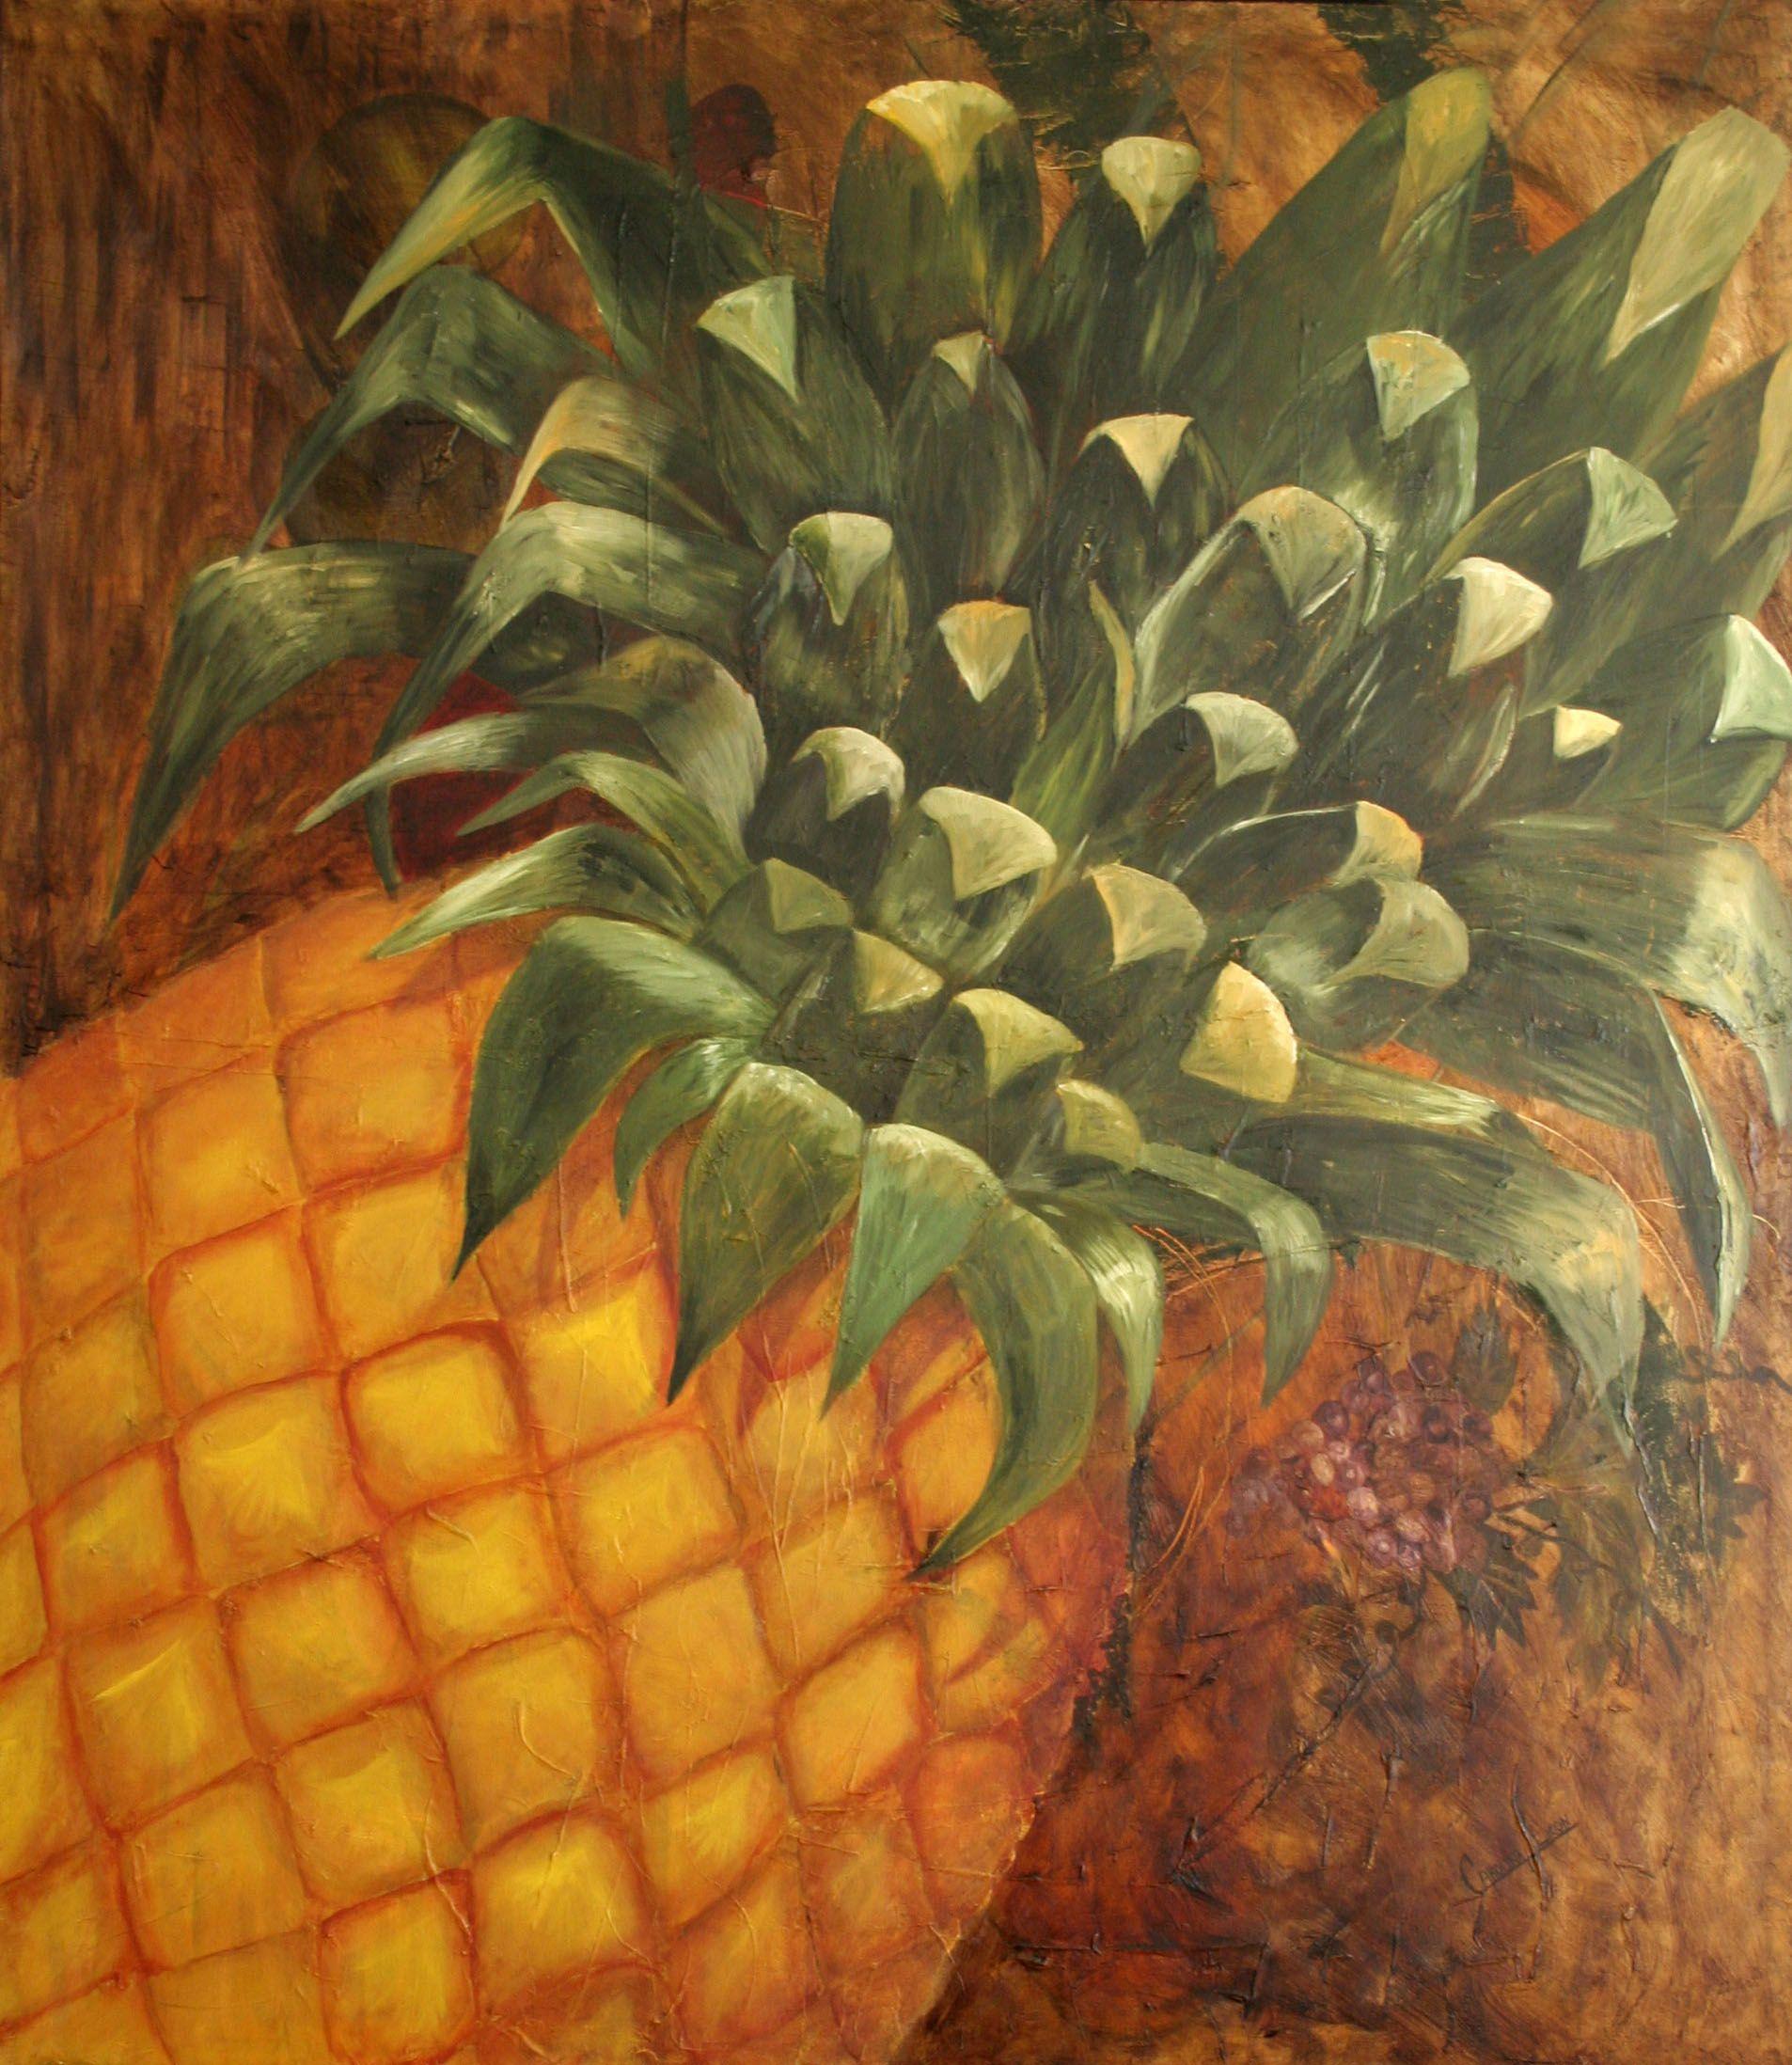 Oli painting pineapple water pintura al oleo - Pinturas al agua ...